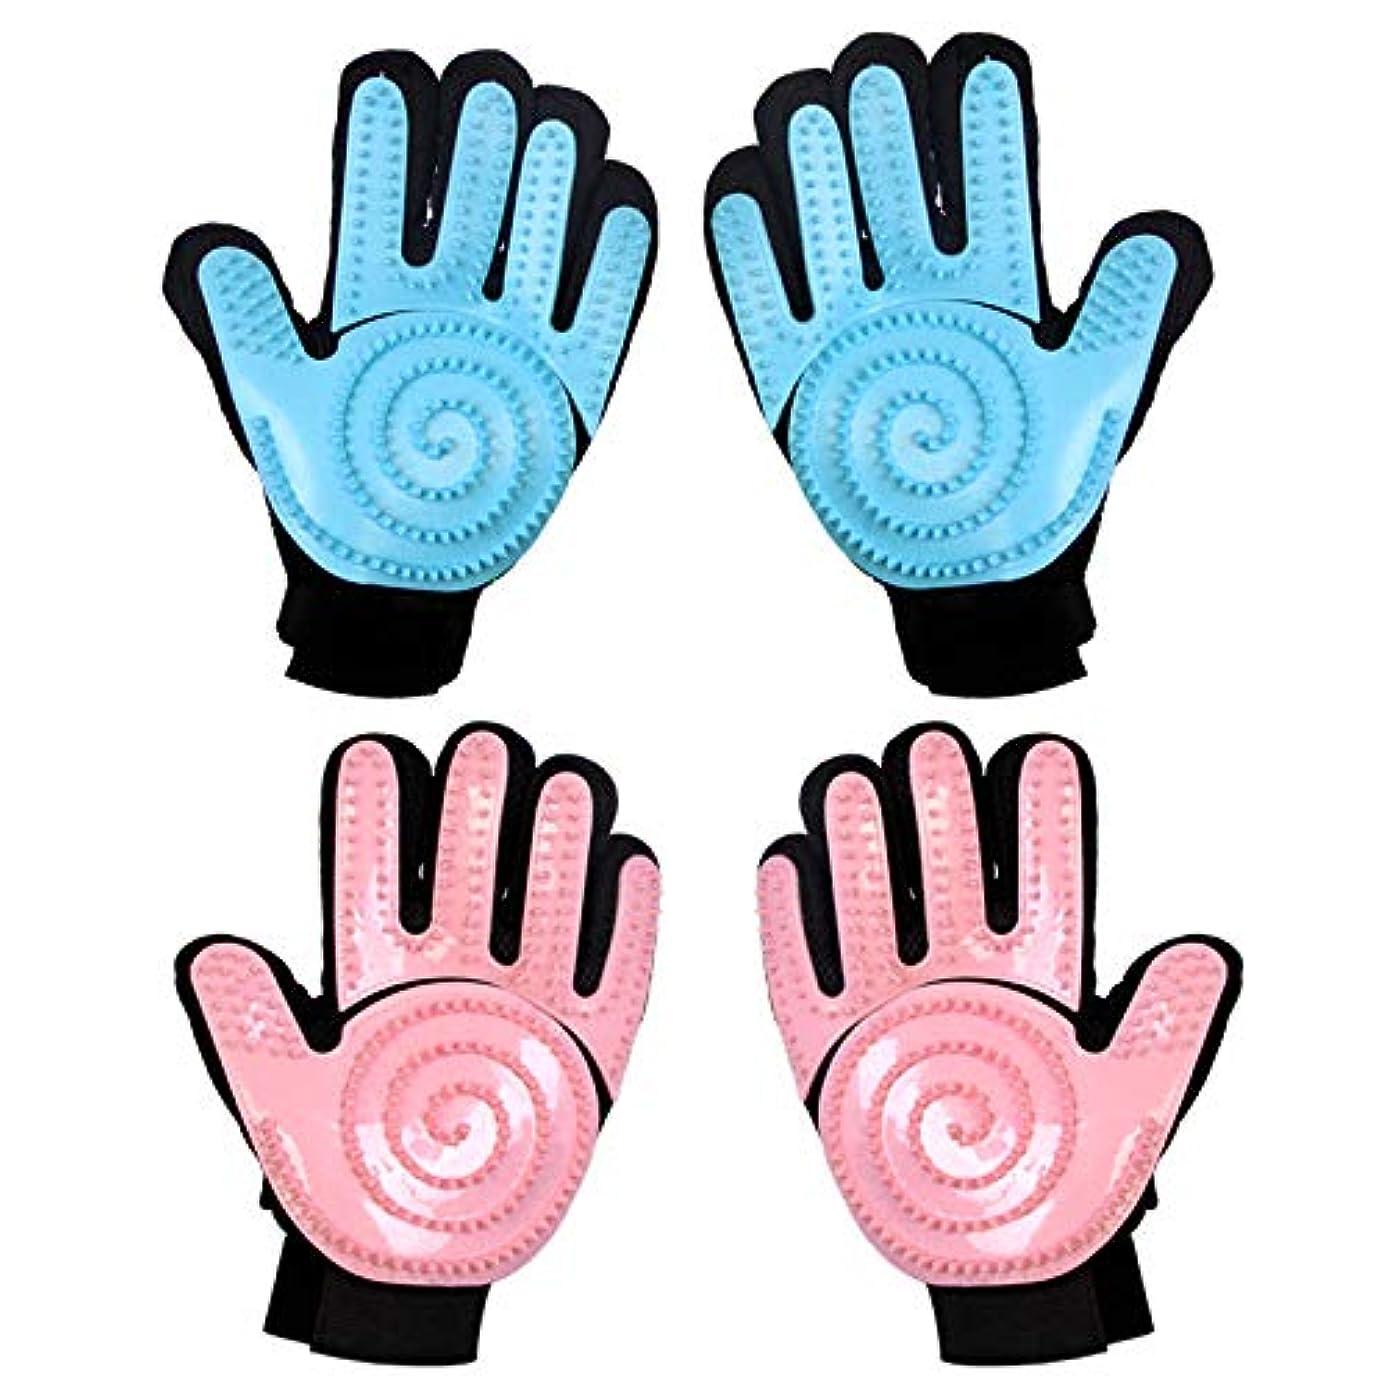 聖なる反射出口BTXXYJP 手袋 ペット ブラシ グローブ 猫 ブラシ クリーナー 抜け毛取り マッサージブラシ 犬 グローブ ペット毛取りブラシ お手入れ (Color : Pink, Style : Right hand)